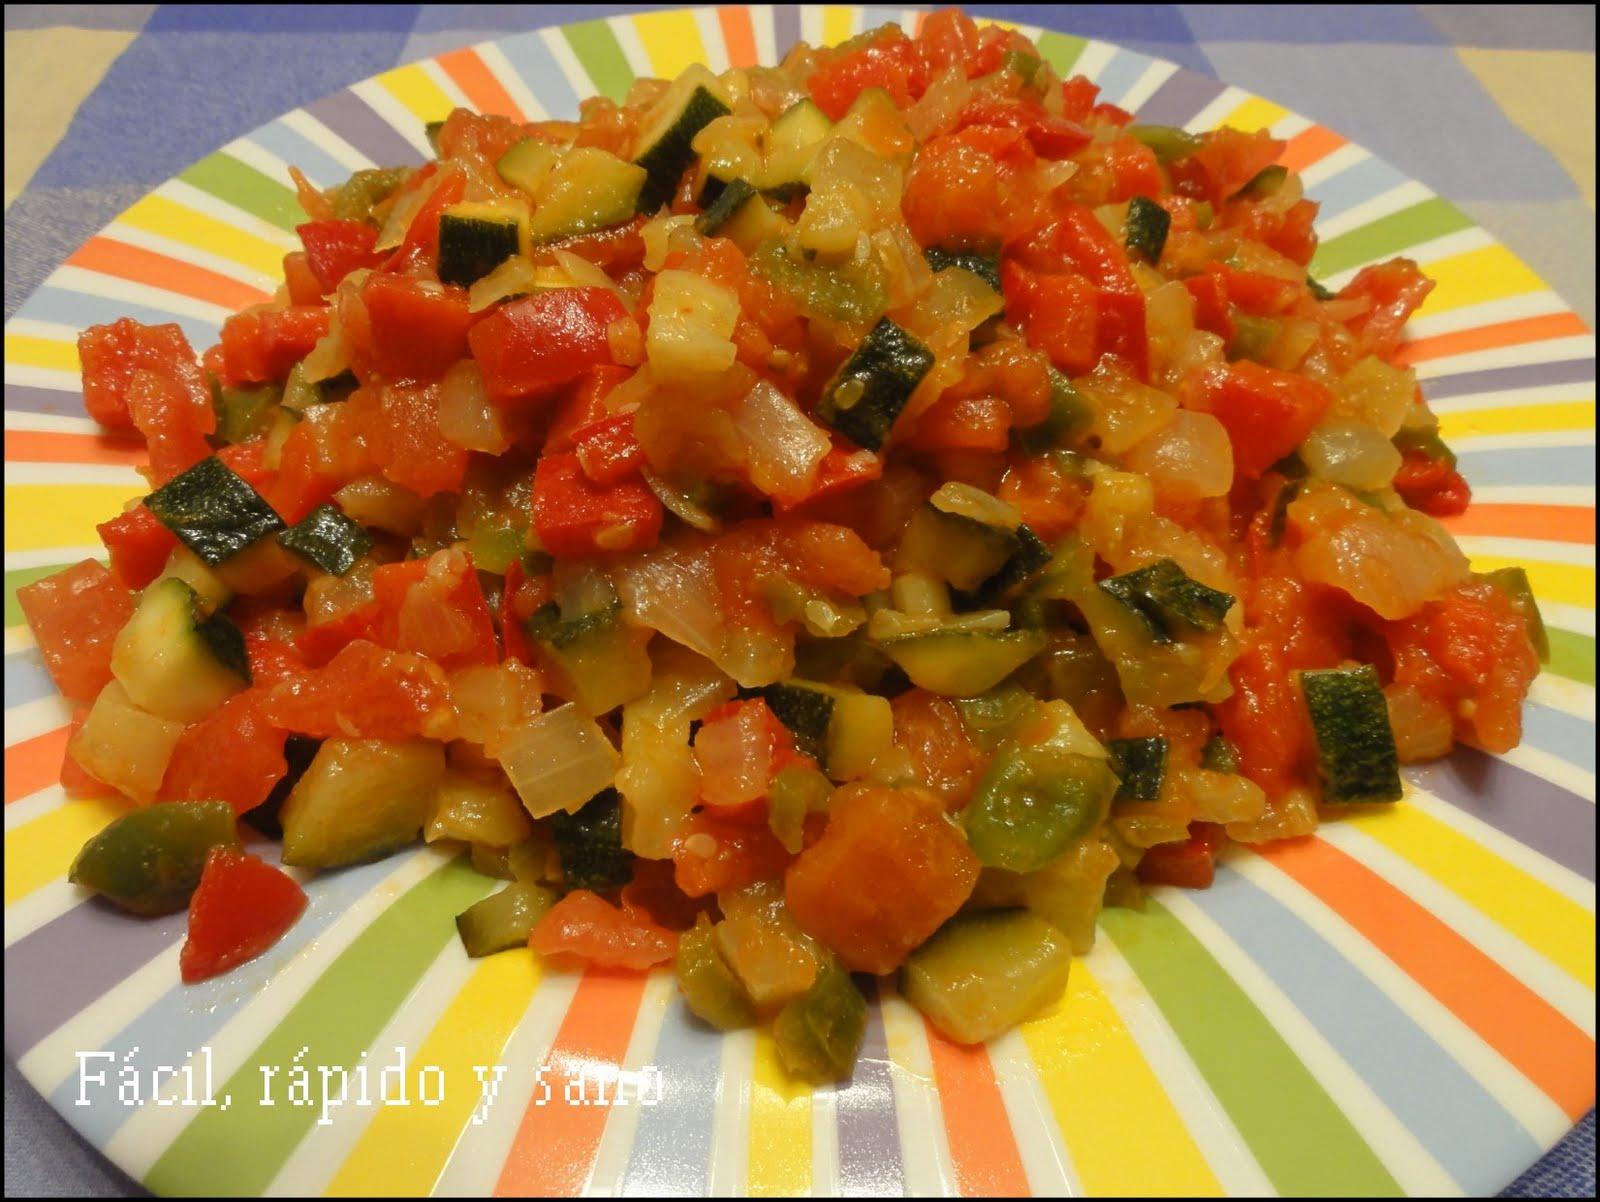 F cil r pido y sano cocina para gente sin tiempo abril 2011 - Cocinar facil y rapido ...